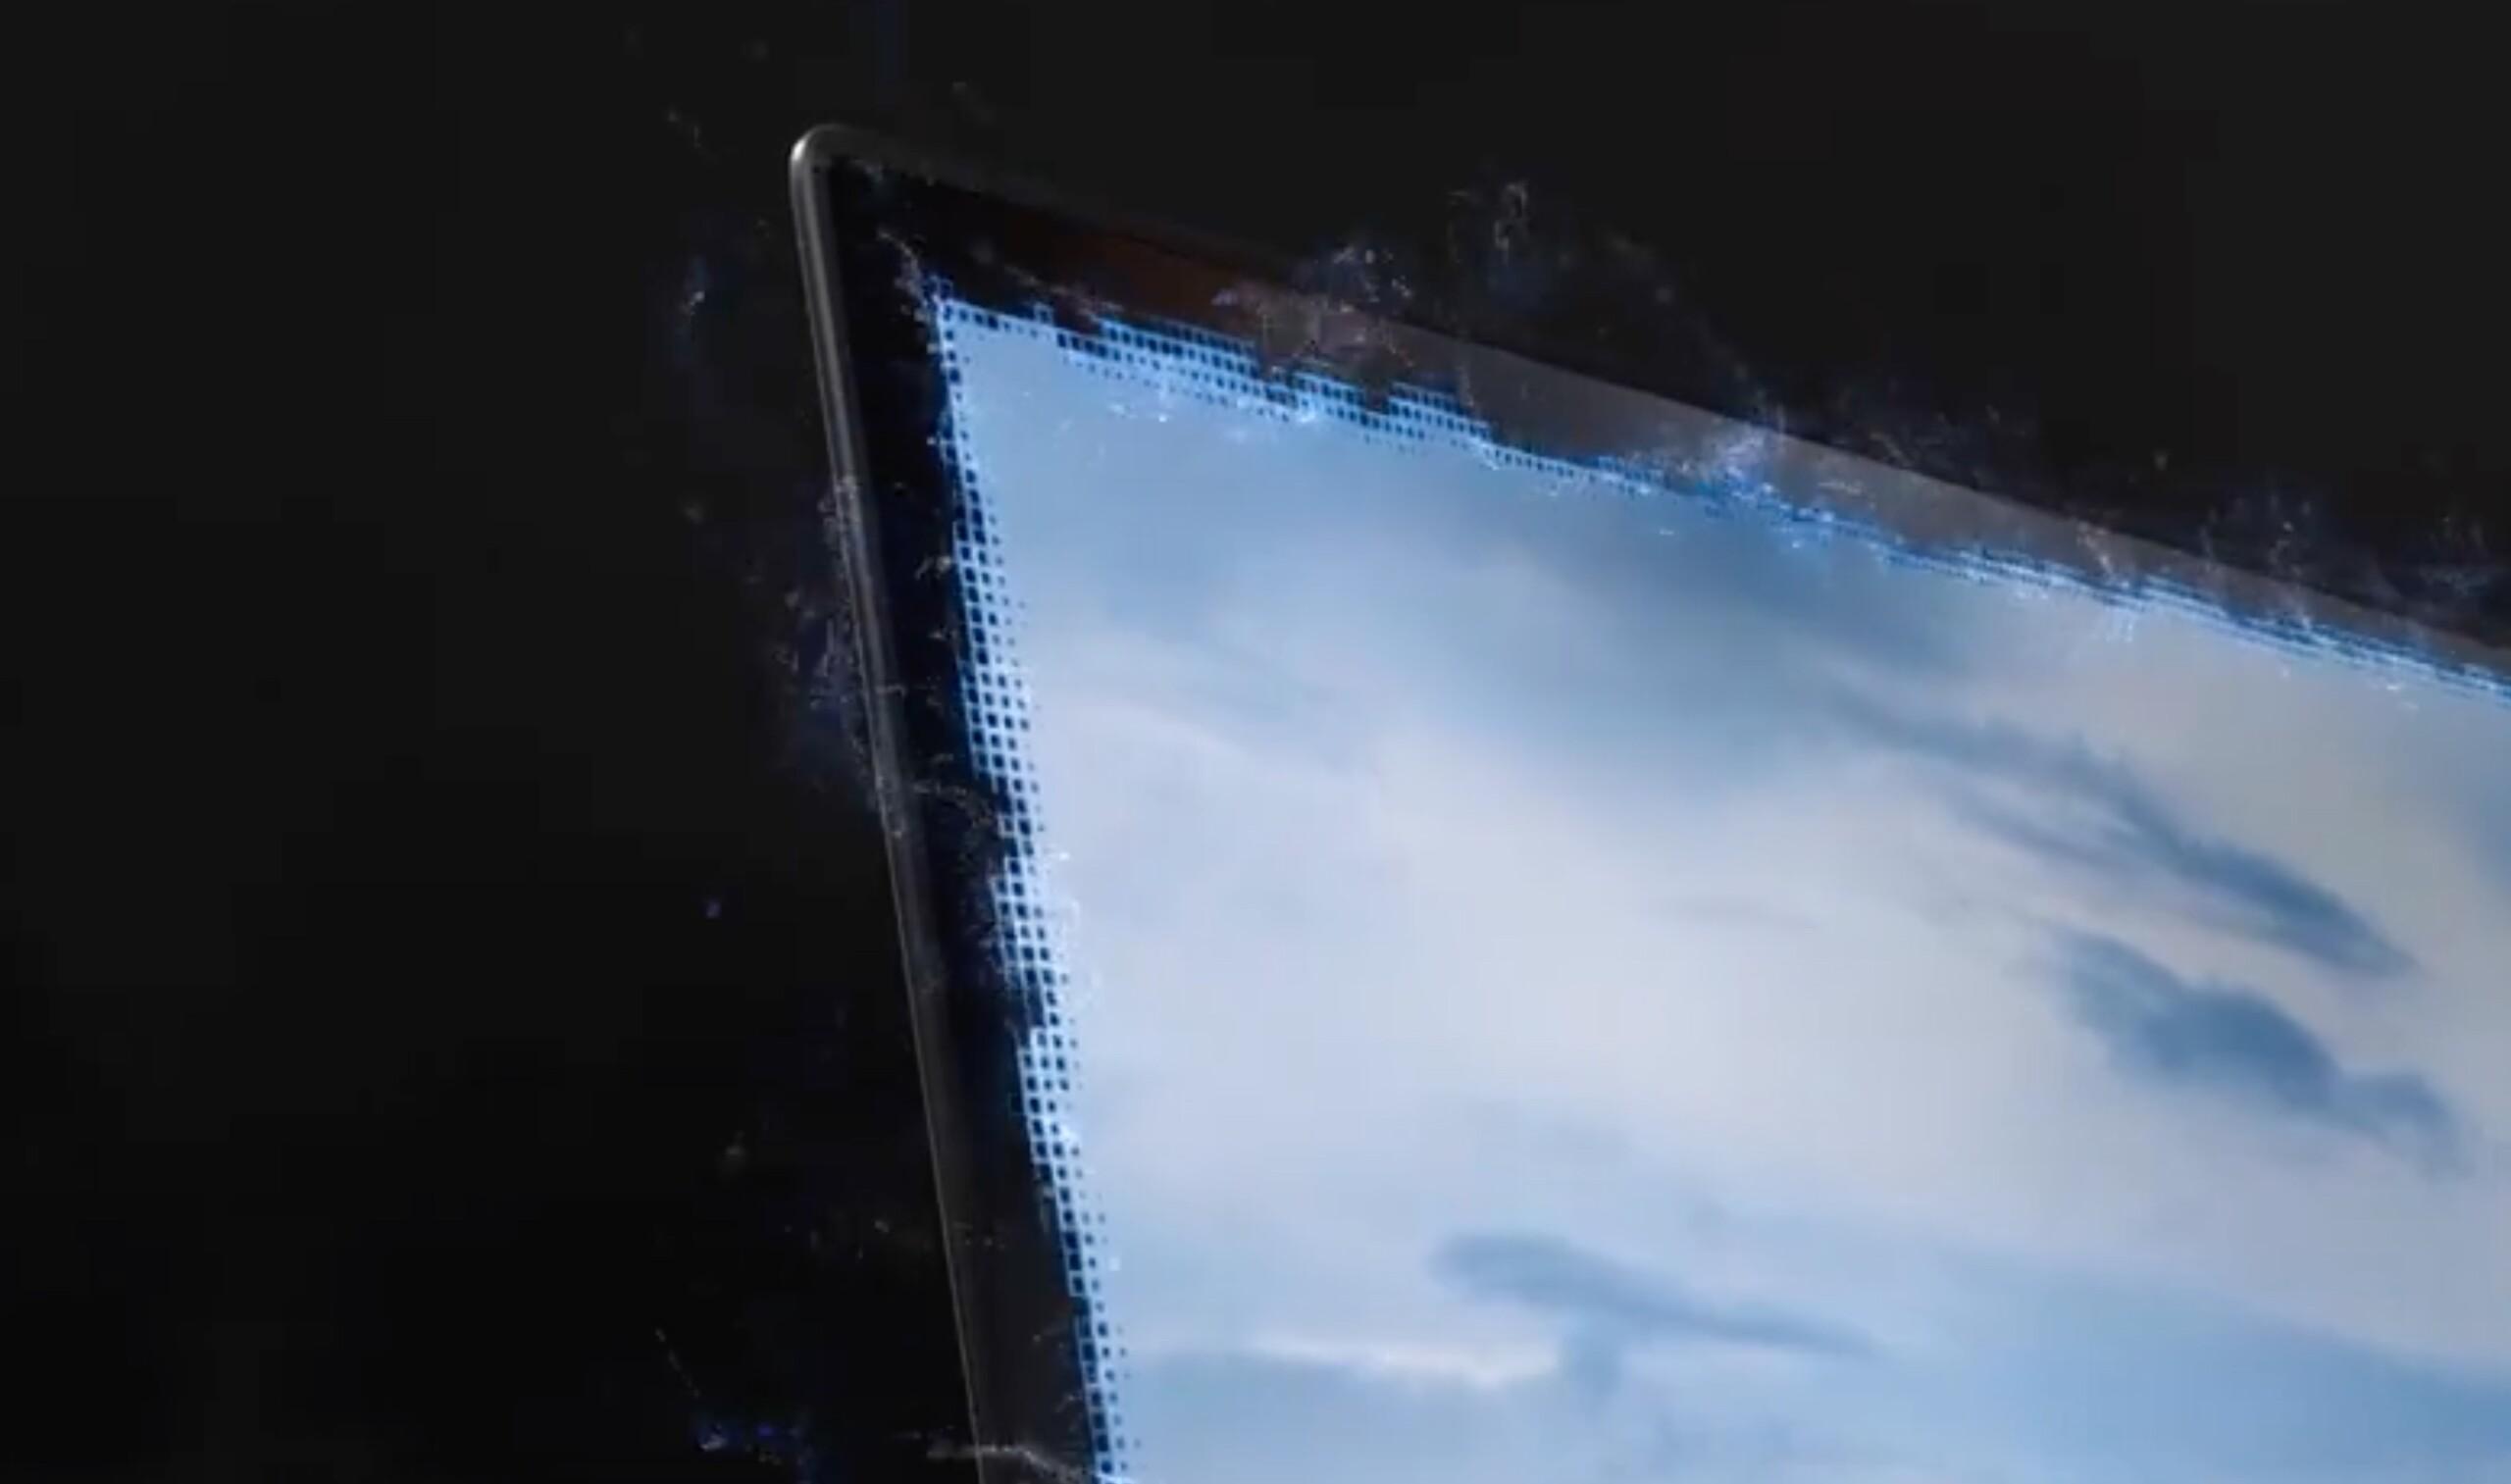 Samsung veut équiper votre PC d'un écran OLED borderless avec caméra invisible